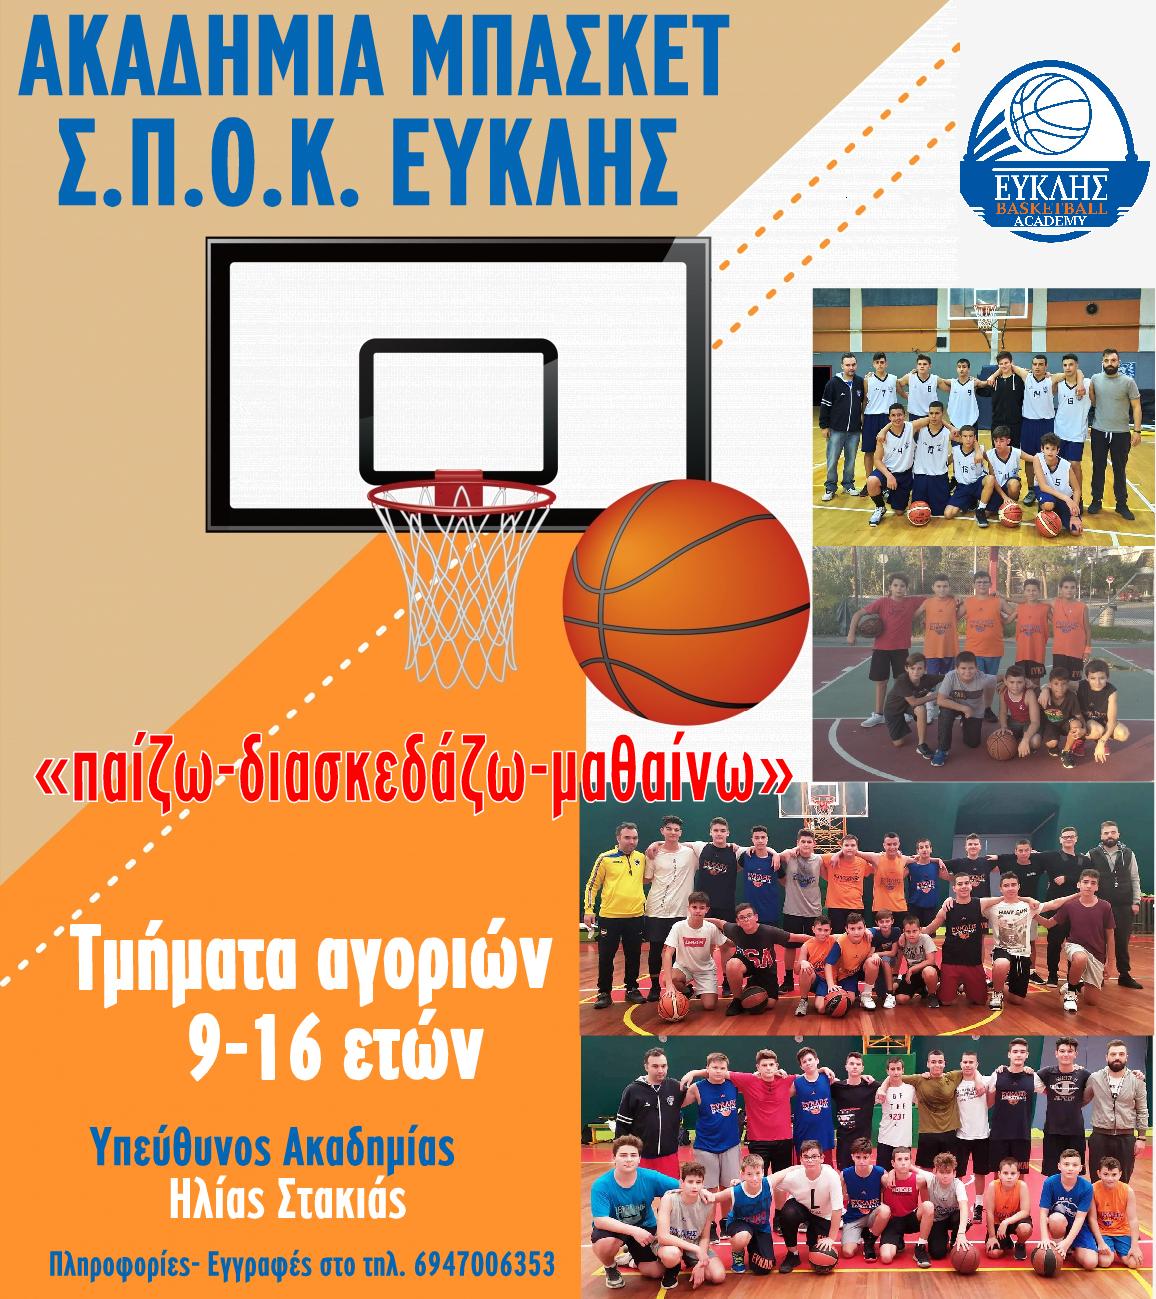 Ευκλής Καλαμάτας: Ξεκινούν οι εγγραφές και οι προπονήσεις στην Ακαδημία μπάσκετ